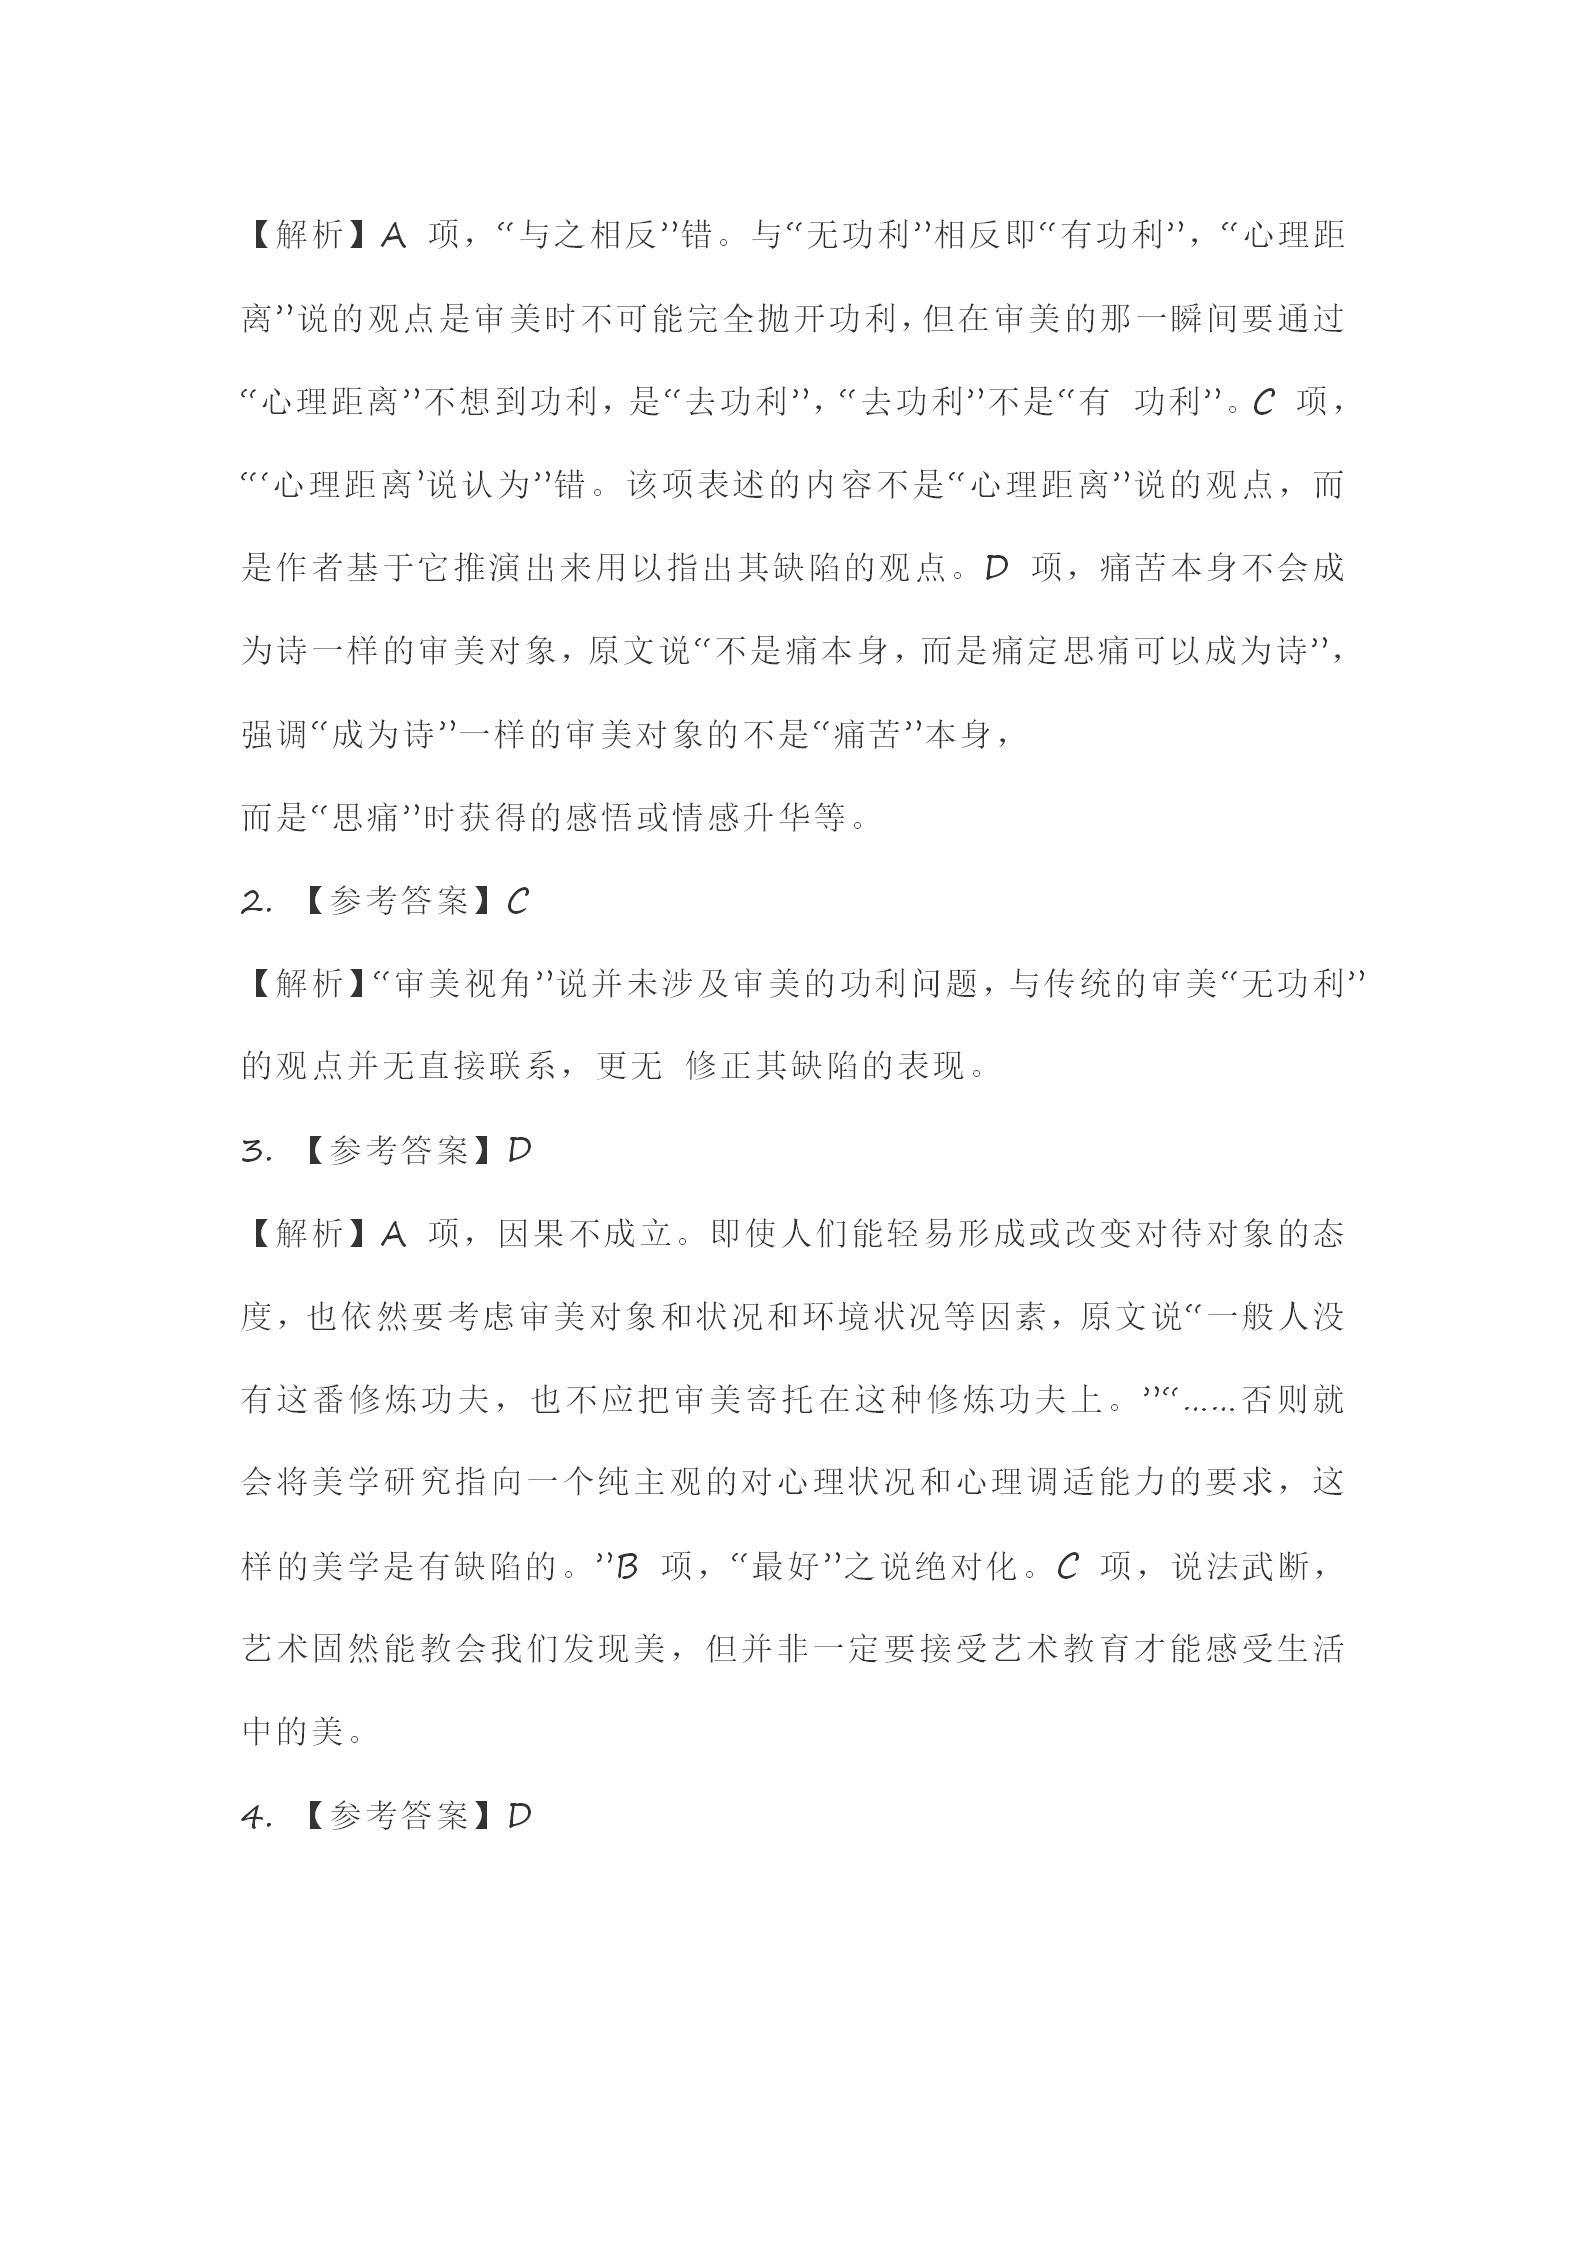 2019届汕头市高三语文二模试题答案及解析 下载版